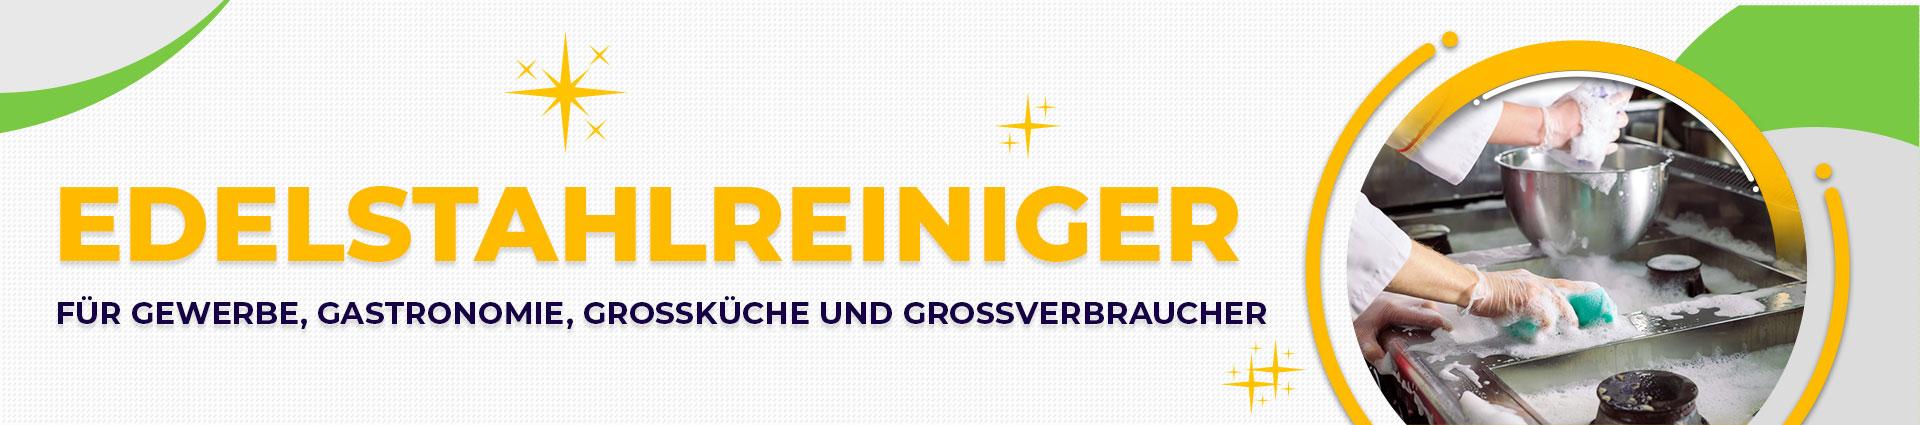 Edelstahlreiniger Banner